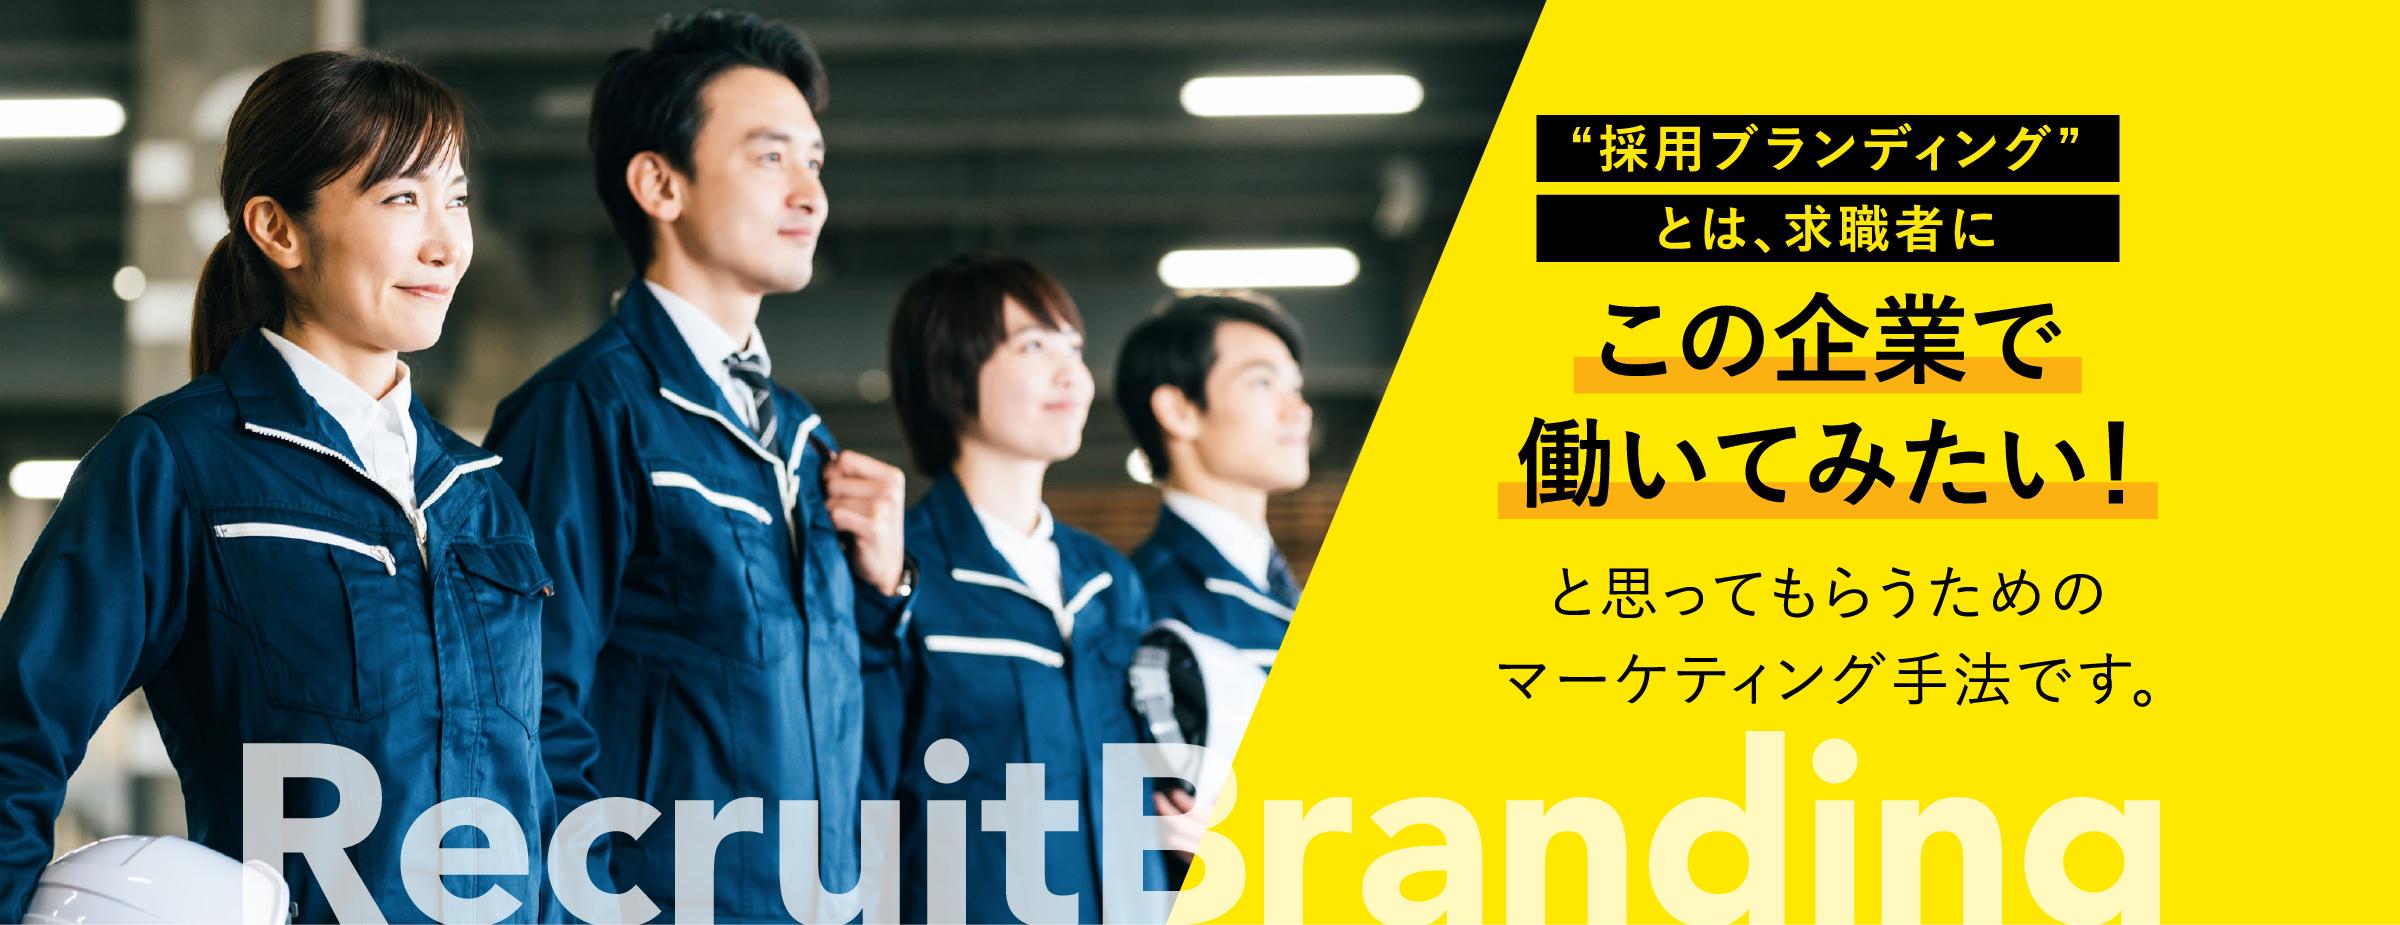 """""""採用ブランディング""""とは、求職者にと思ってもらうためのマーケティング手法です。"""